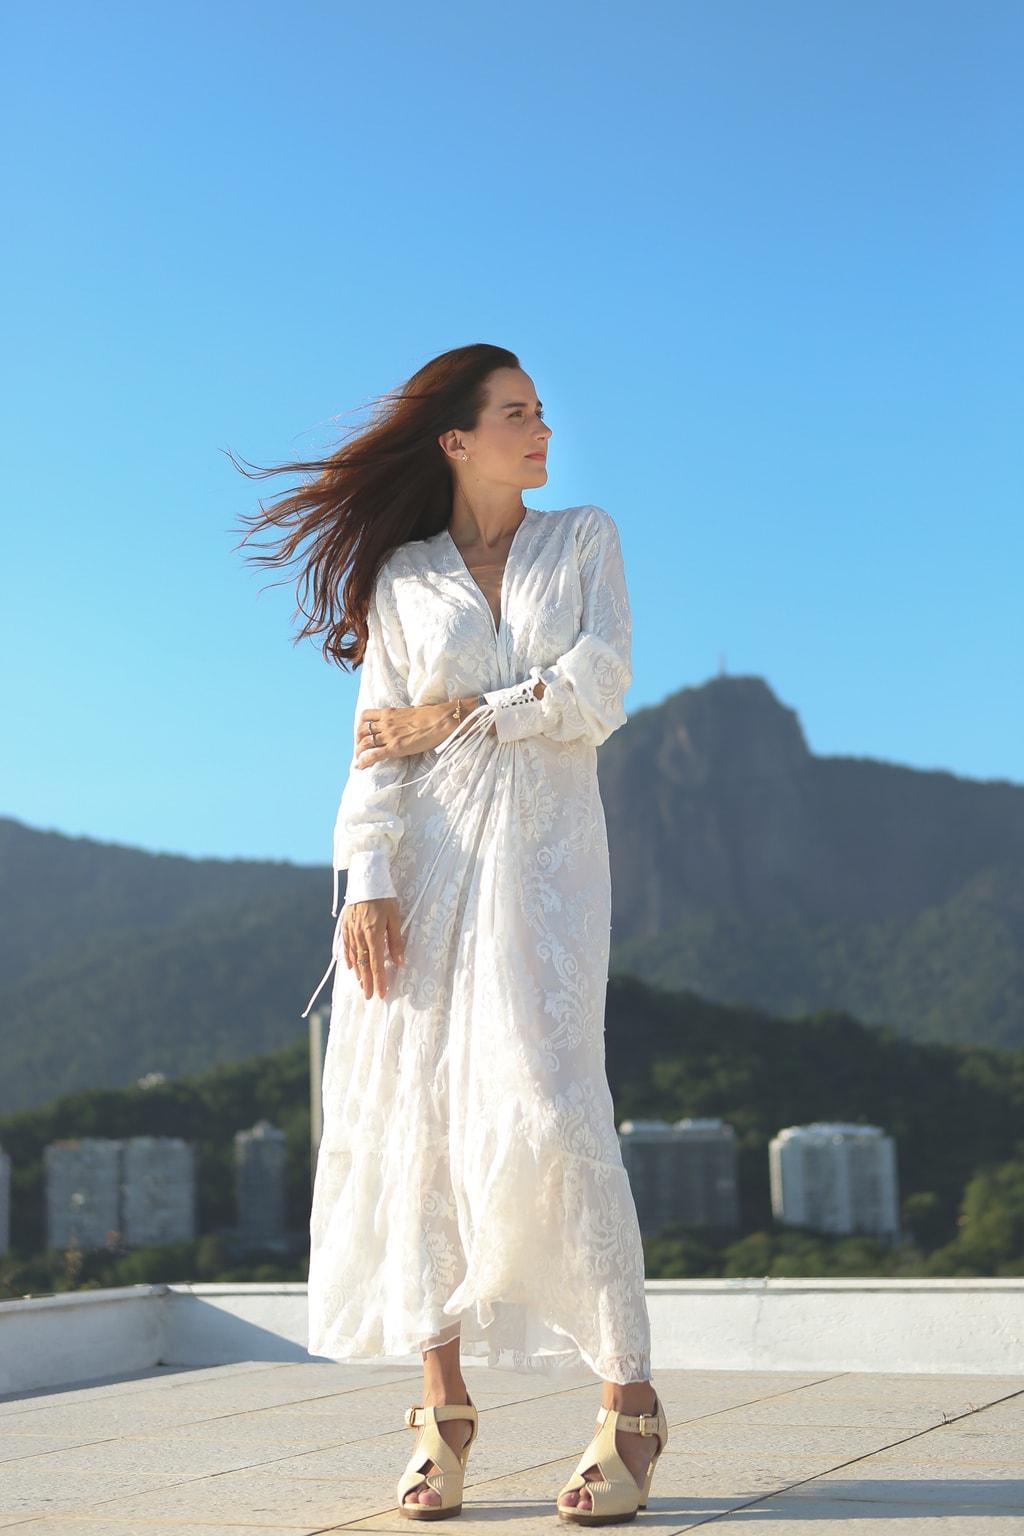 vestidos-ano-novo-reveillon-vestido-de-festa-julia-golldenzon-29